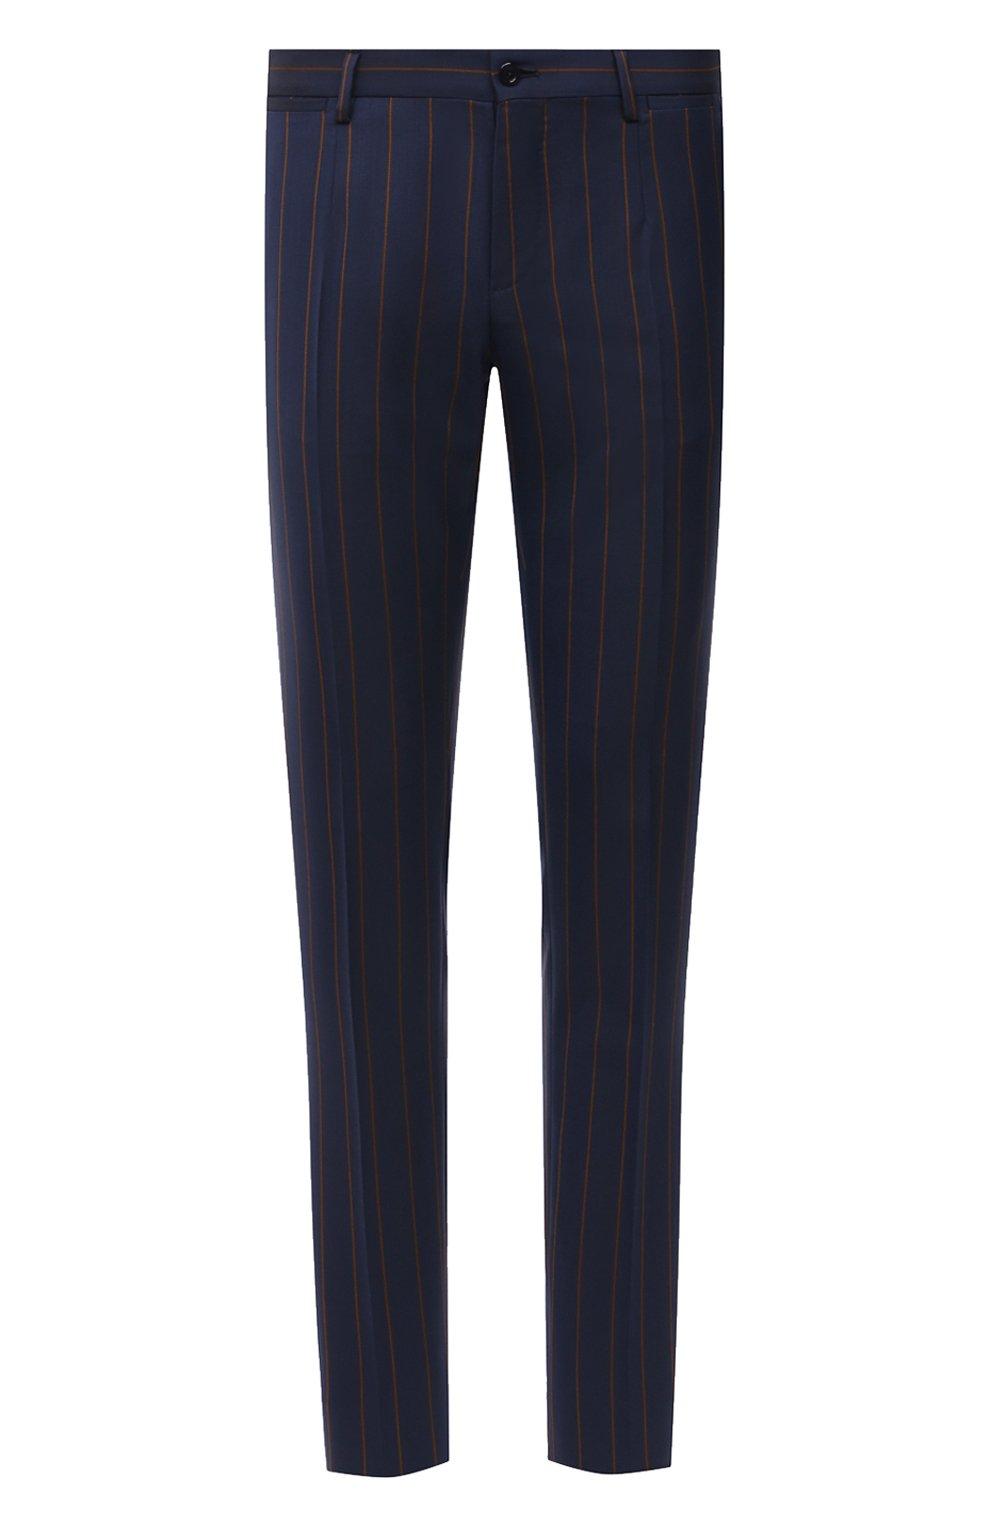 Мужские шерстяные брюки DOLCE & GABBANA синего цвета, арт. GY7BMT/FR2YH | Фото 1 (Материал внешний: Шерсть; Длина (брюки, джинсы): Стандартные; Случай: Повседневный, Формальный; Стили: Классический; Материал подклада: Вискоза)